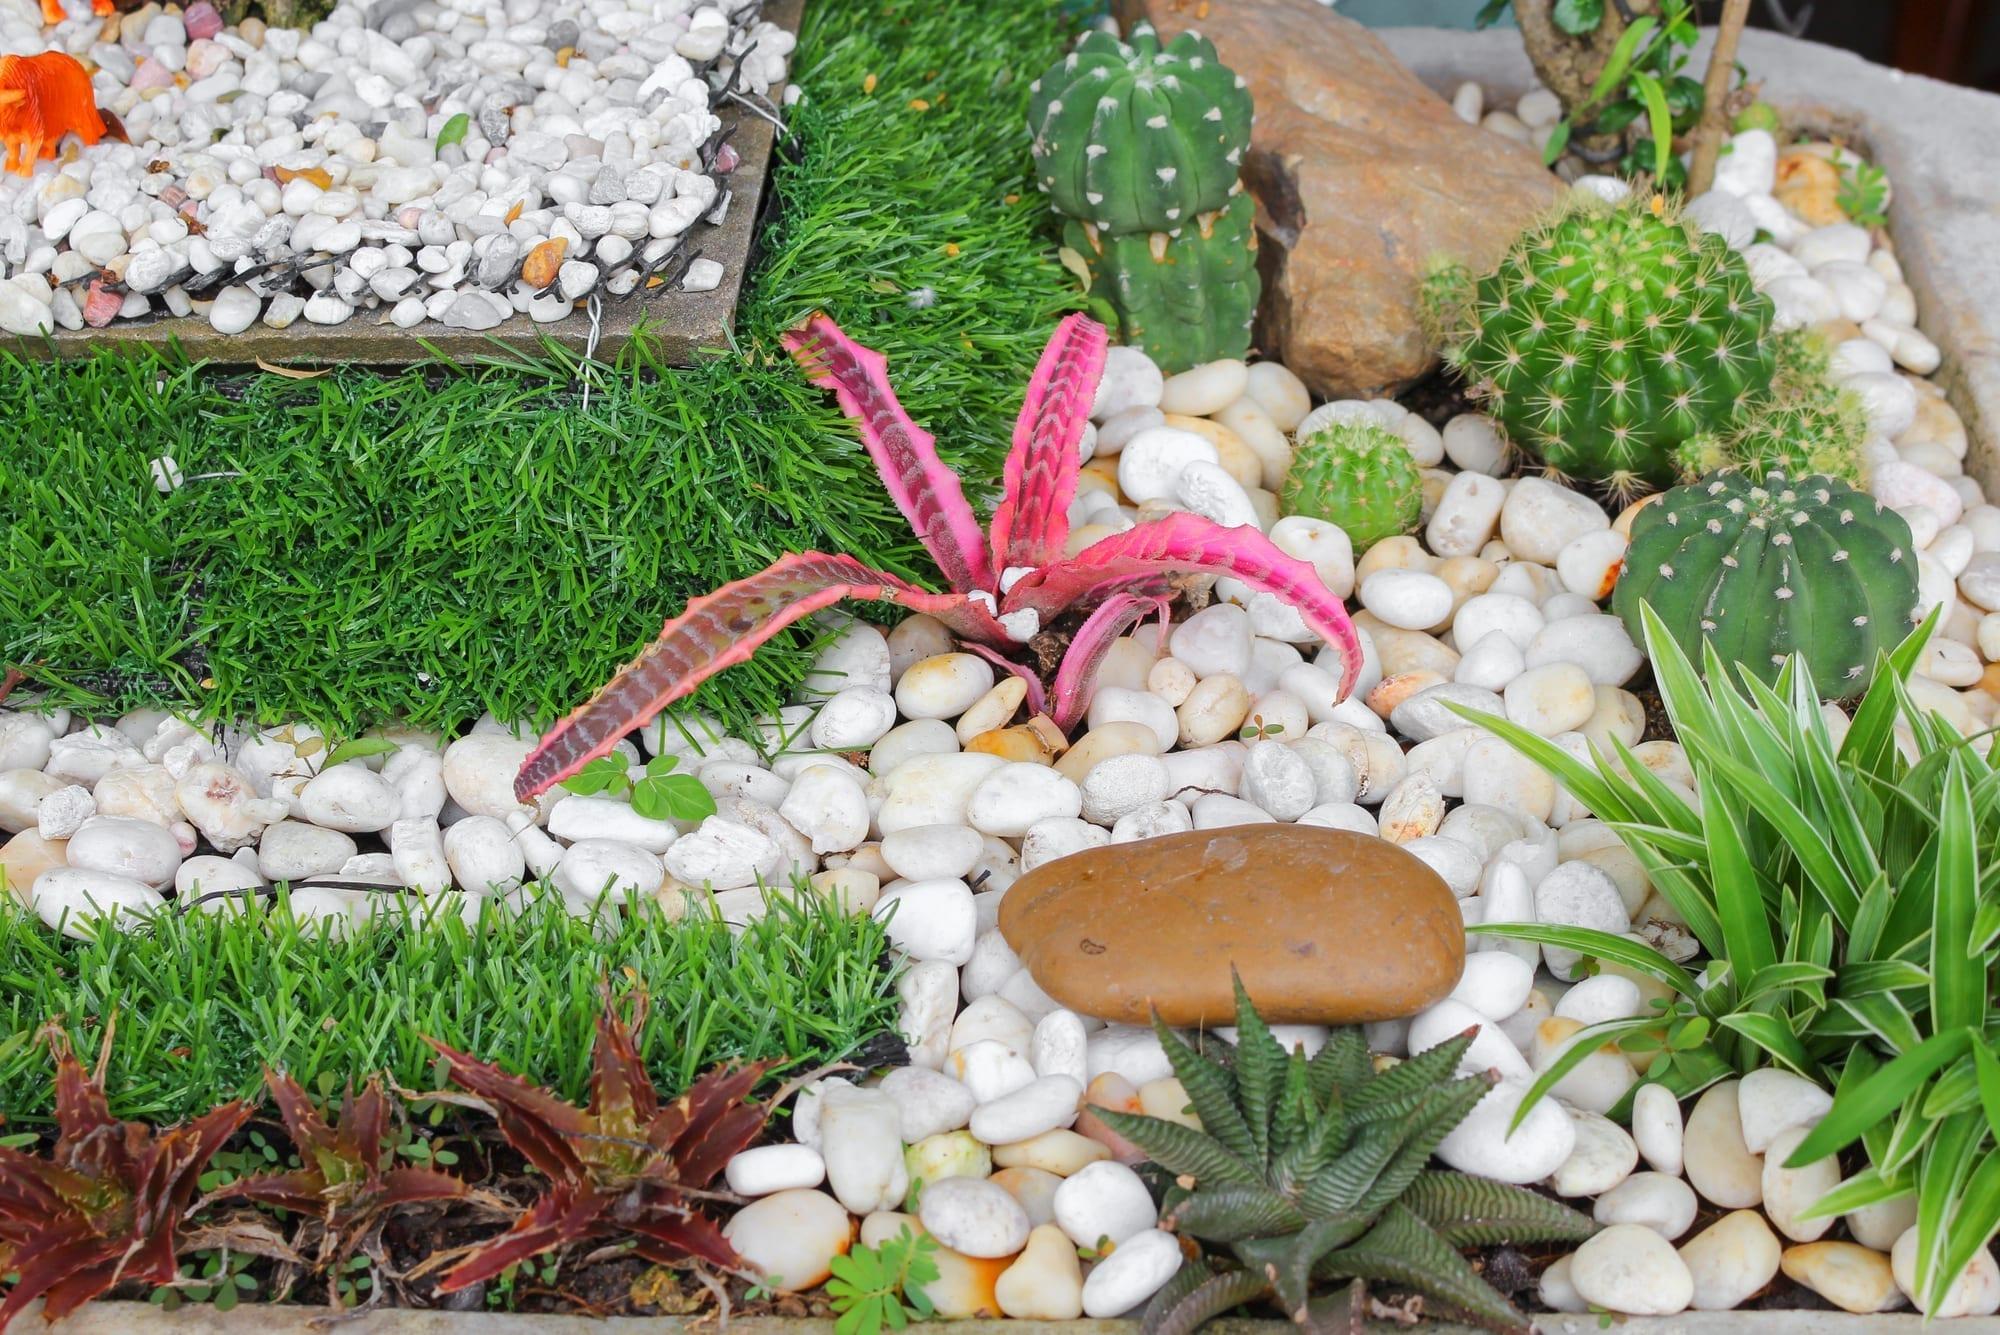 Pebble design in a garden